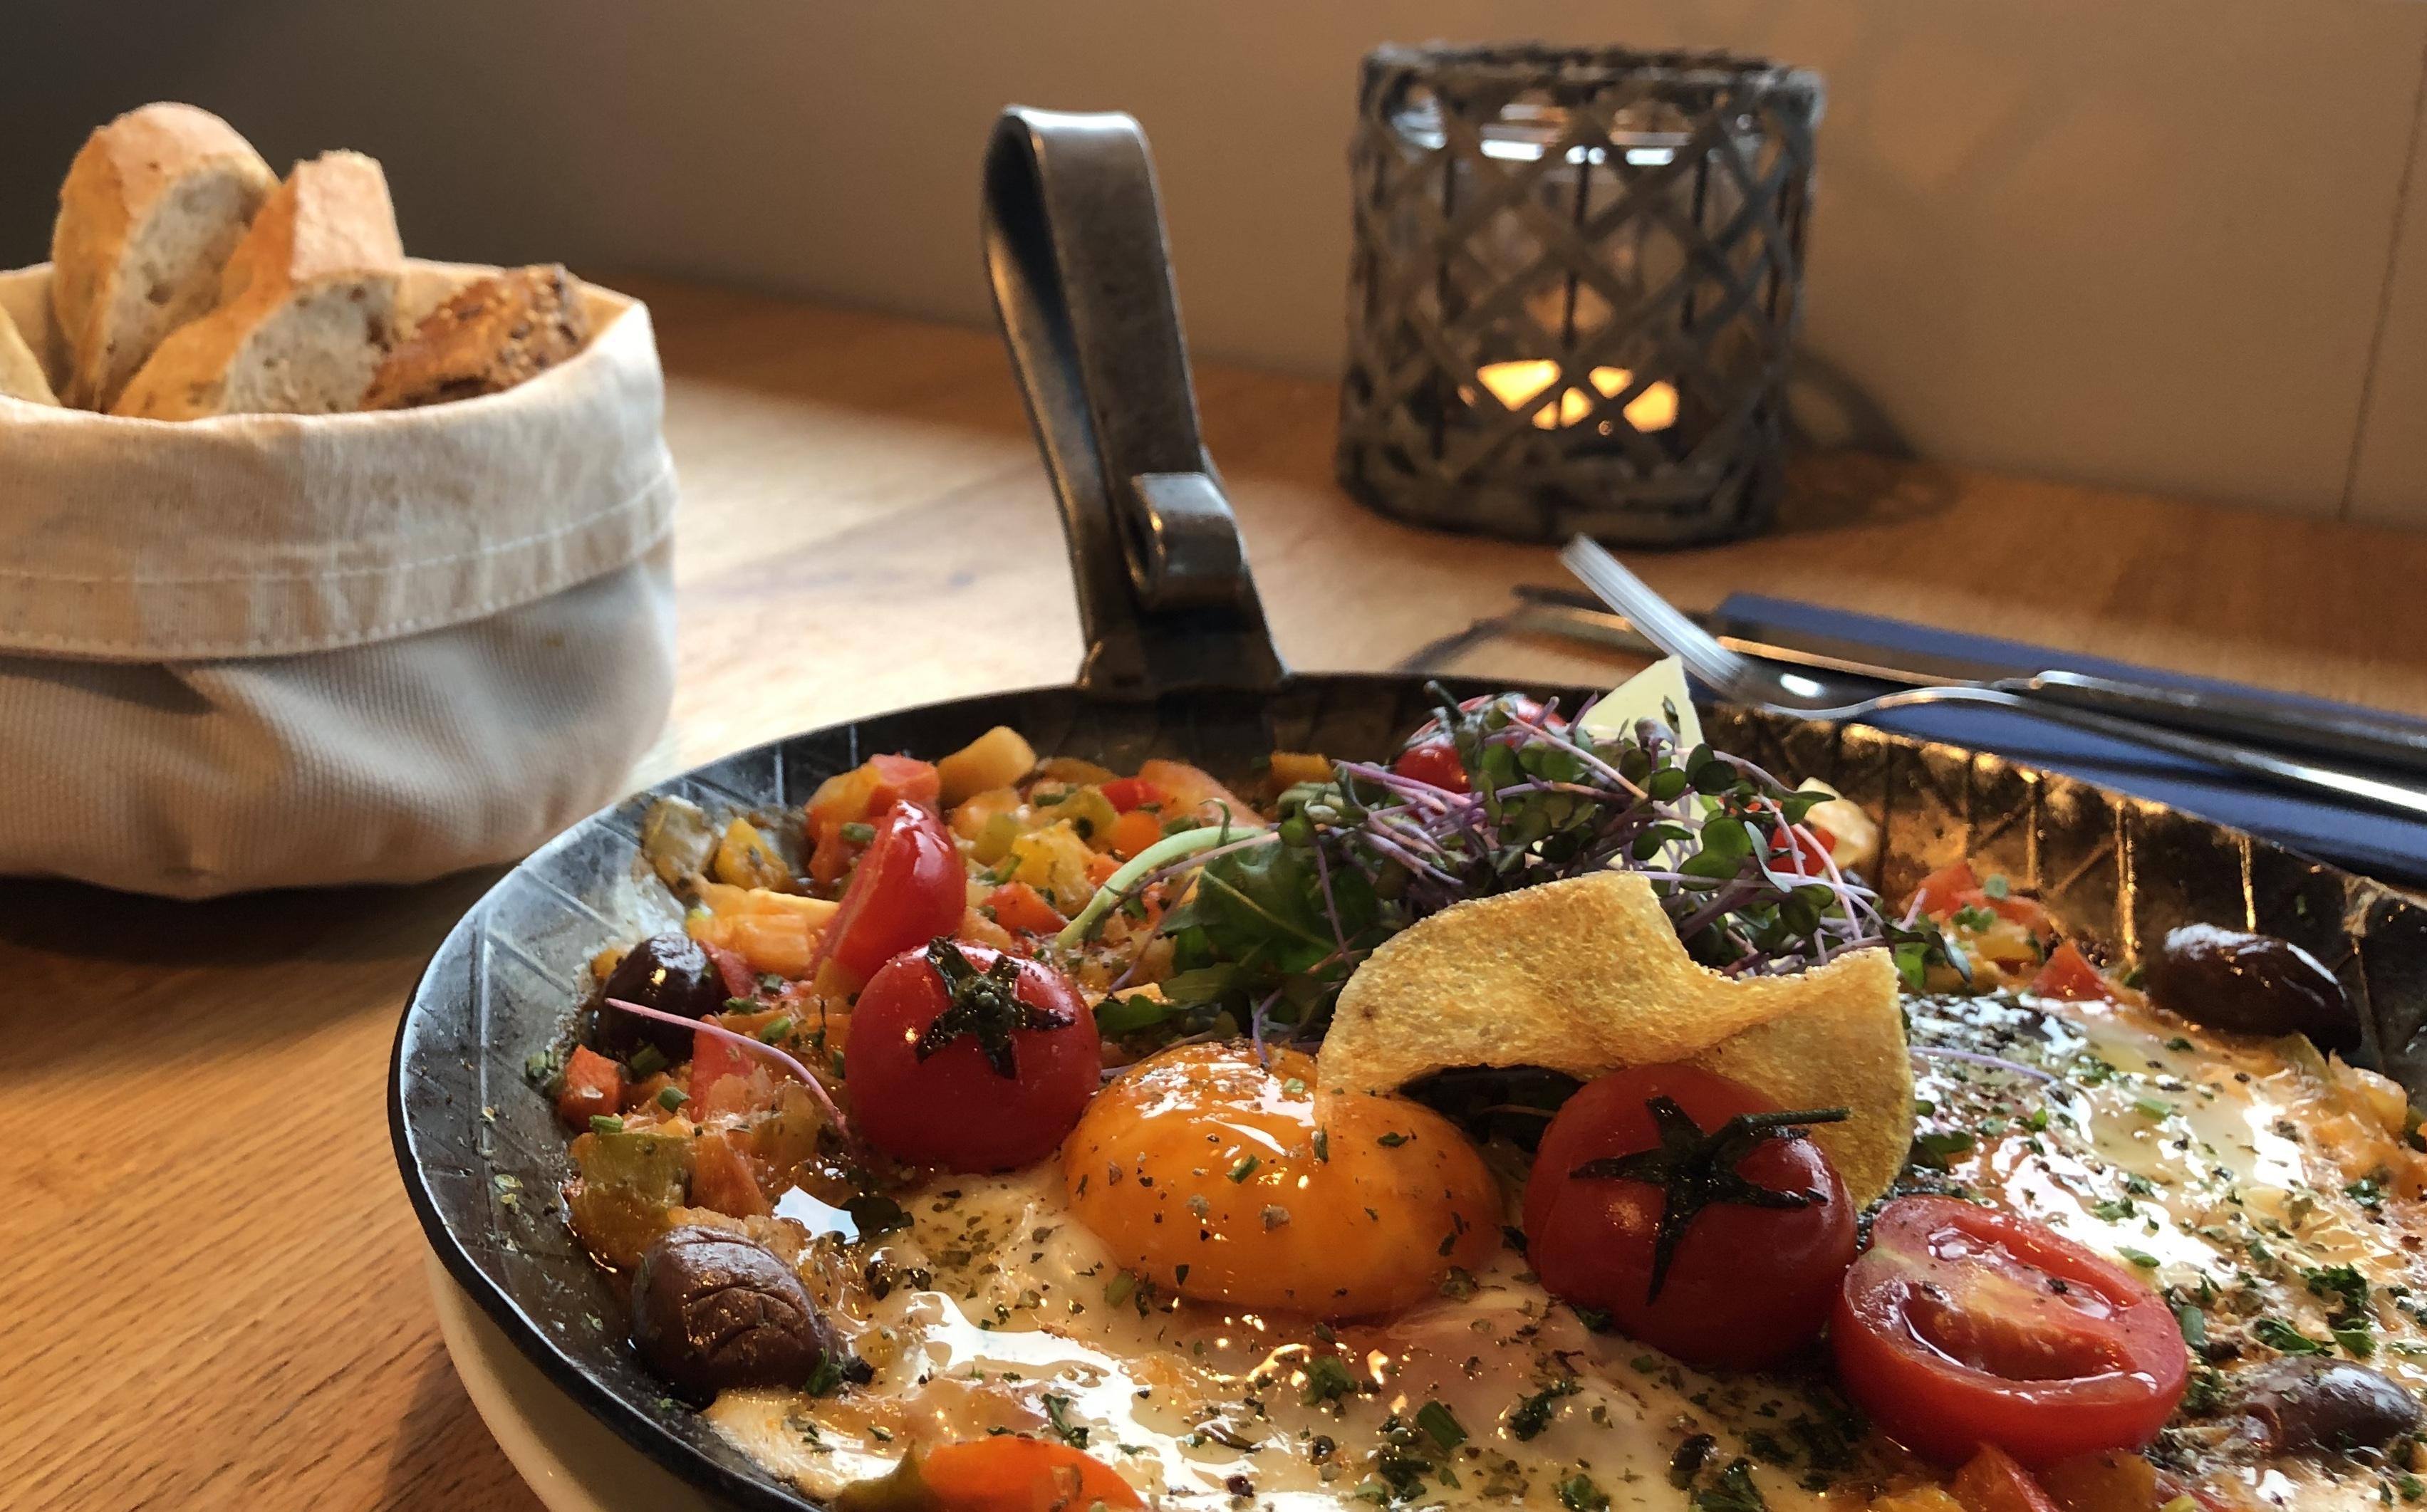 Shakshuka - traditionell israelisches Frühstück